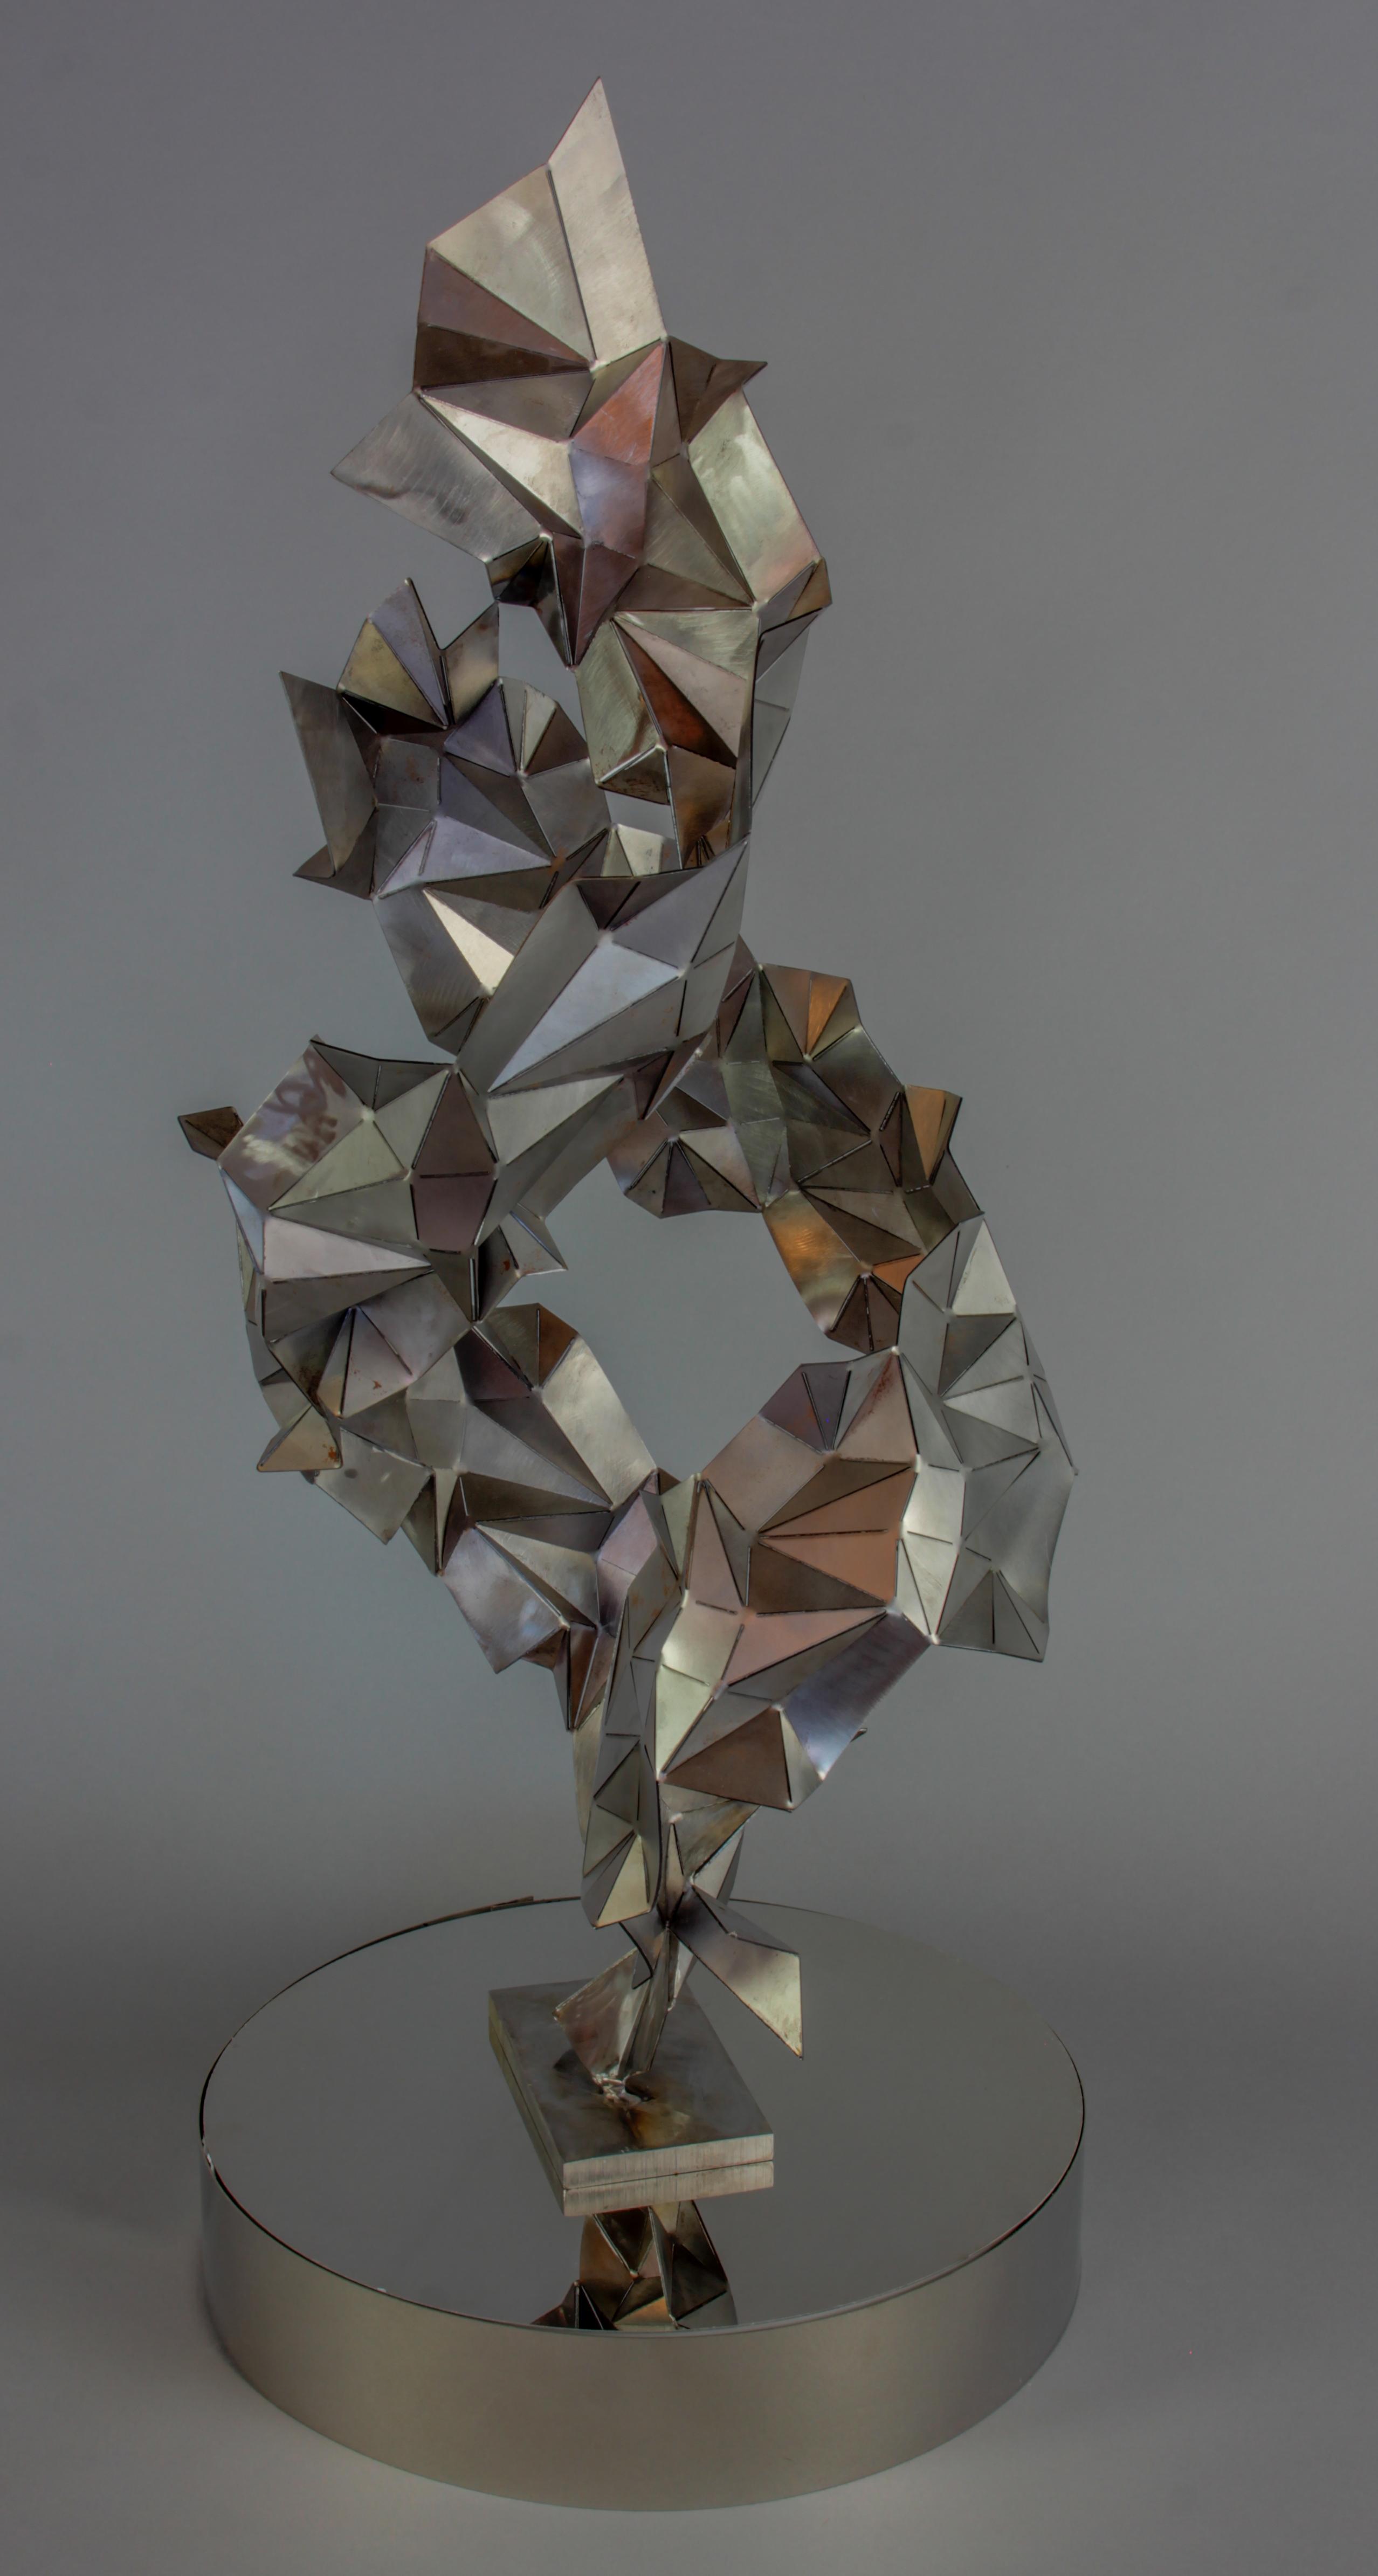 折り紙(おりがみ)・園部式ユニット12枚組(3色×4枚) - YouTube ...   4779x2556